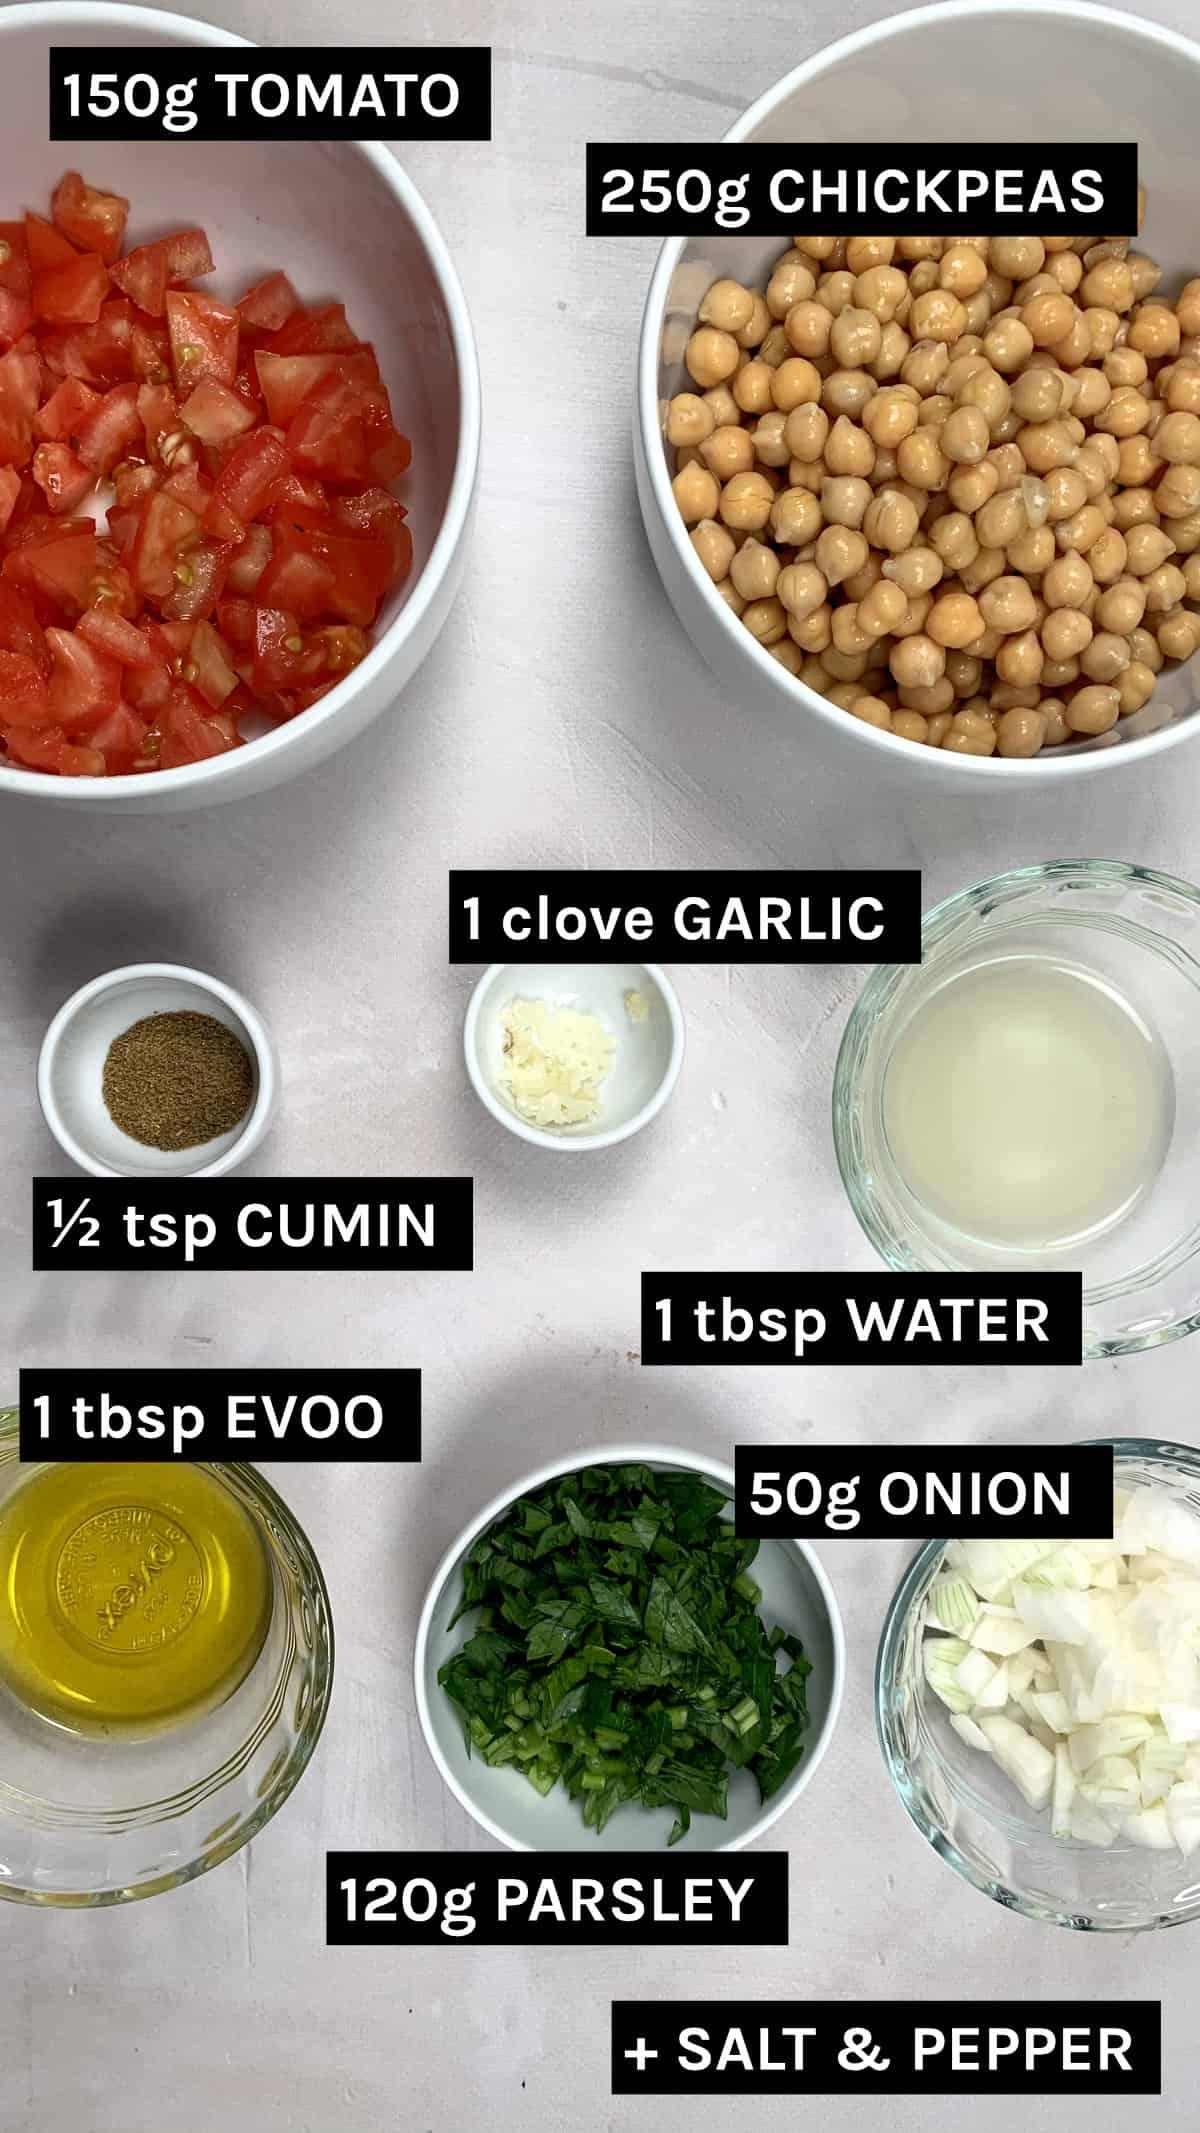 balilah ingredients layed out